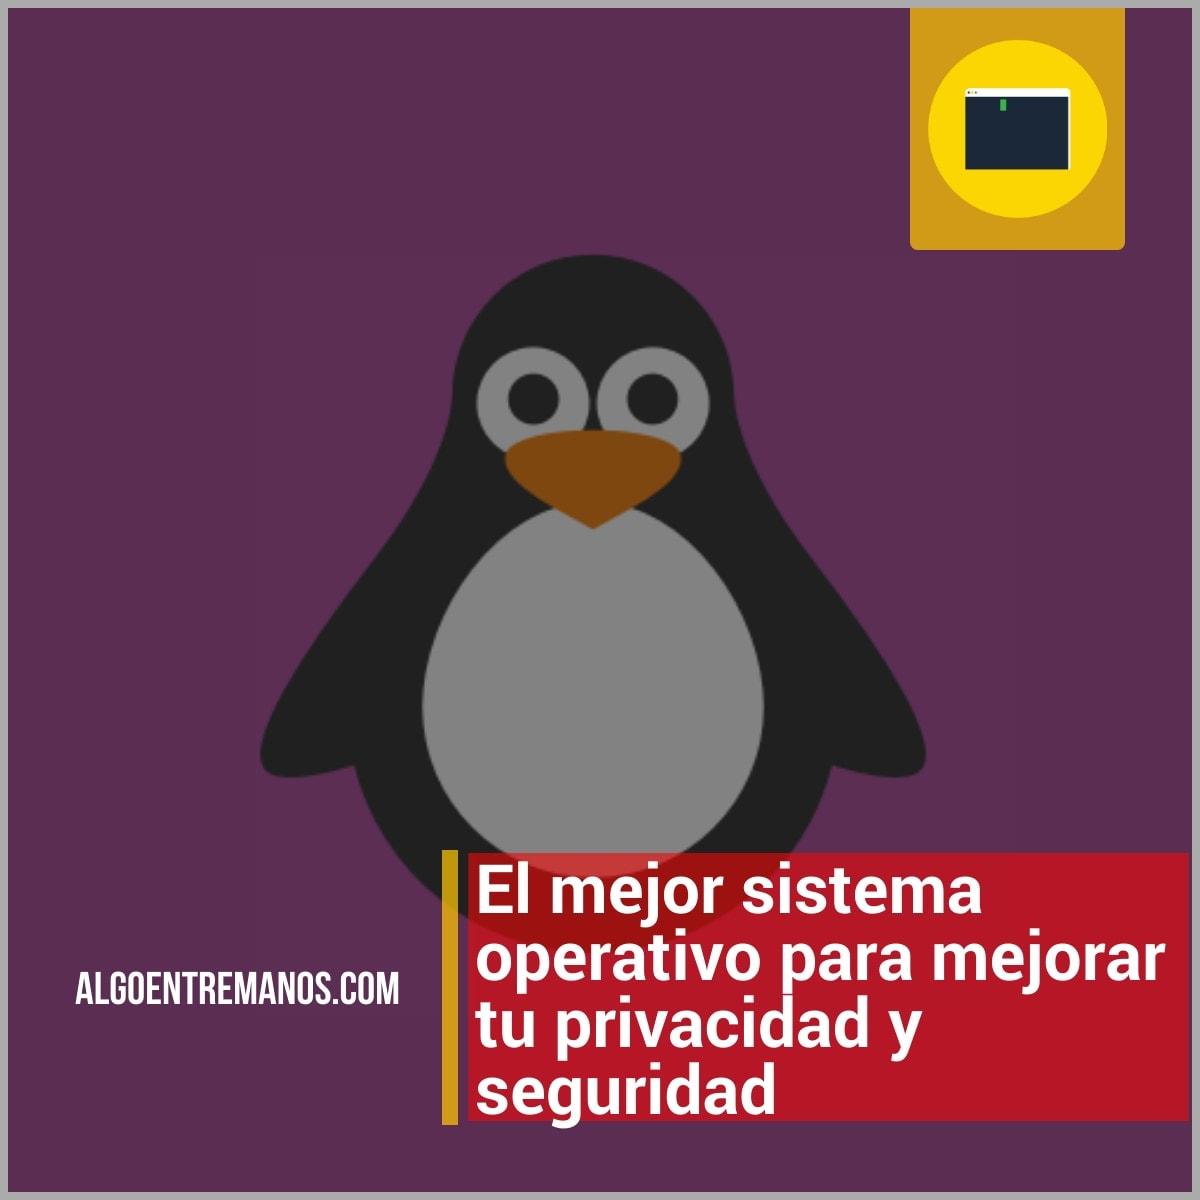 El mejor sistema operativo para mejorar tu privacidad y seguridad